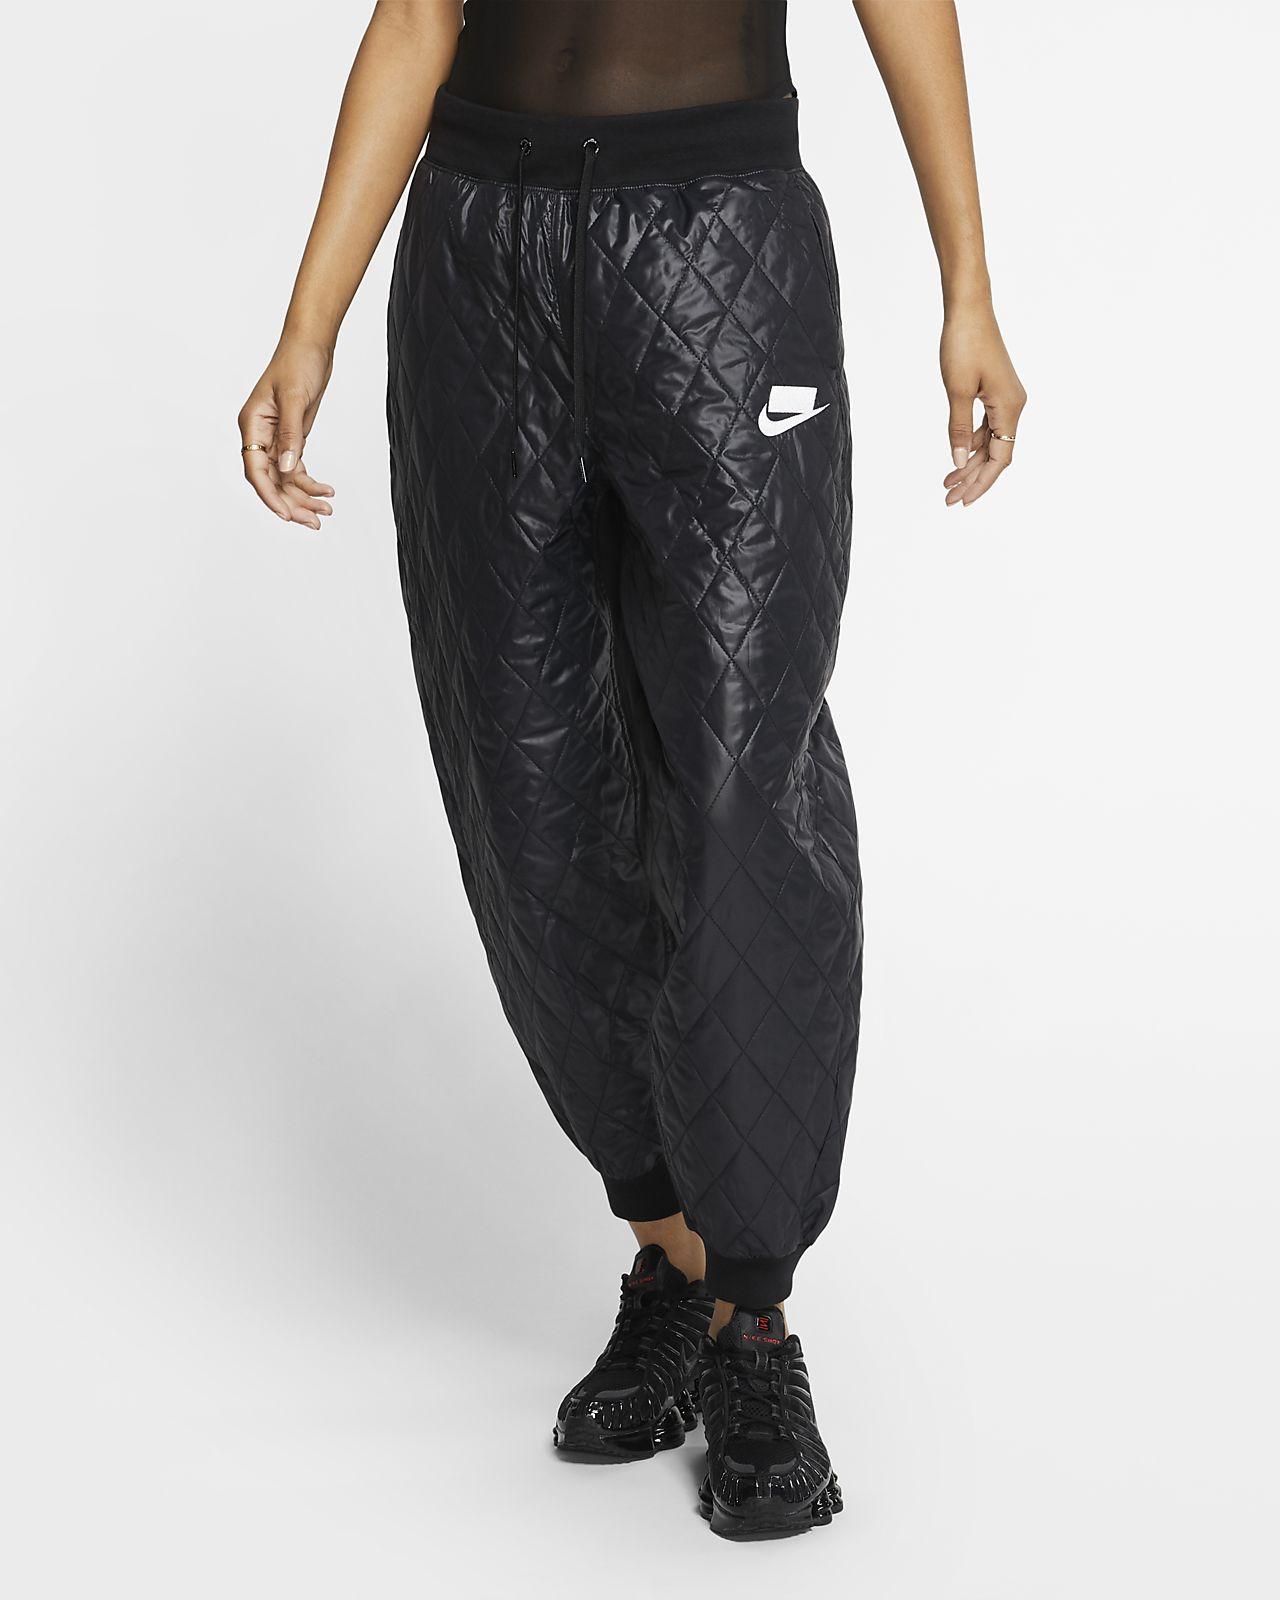 Pantalon Nike Nsw Tienda Online De Zapatos Ropa Y Complementos De Marca